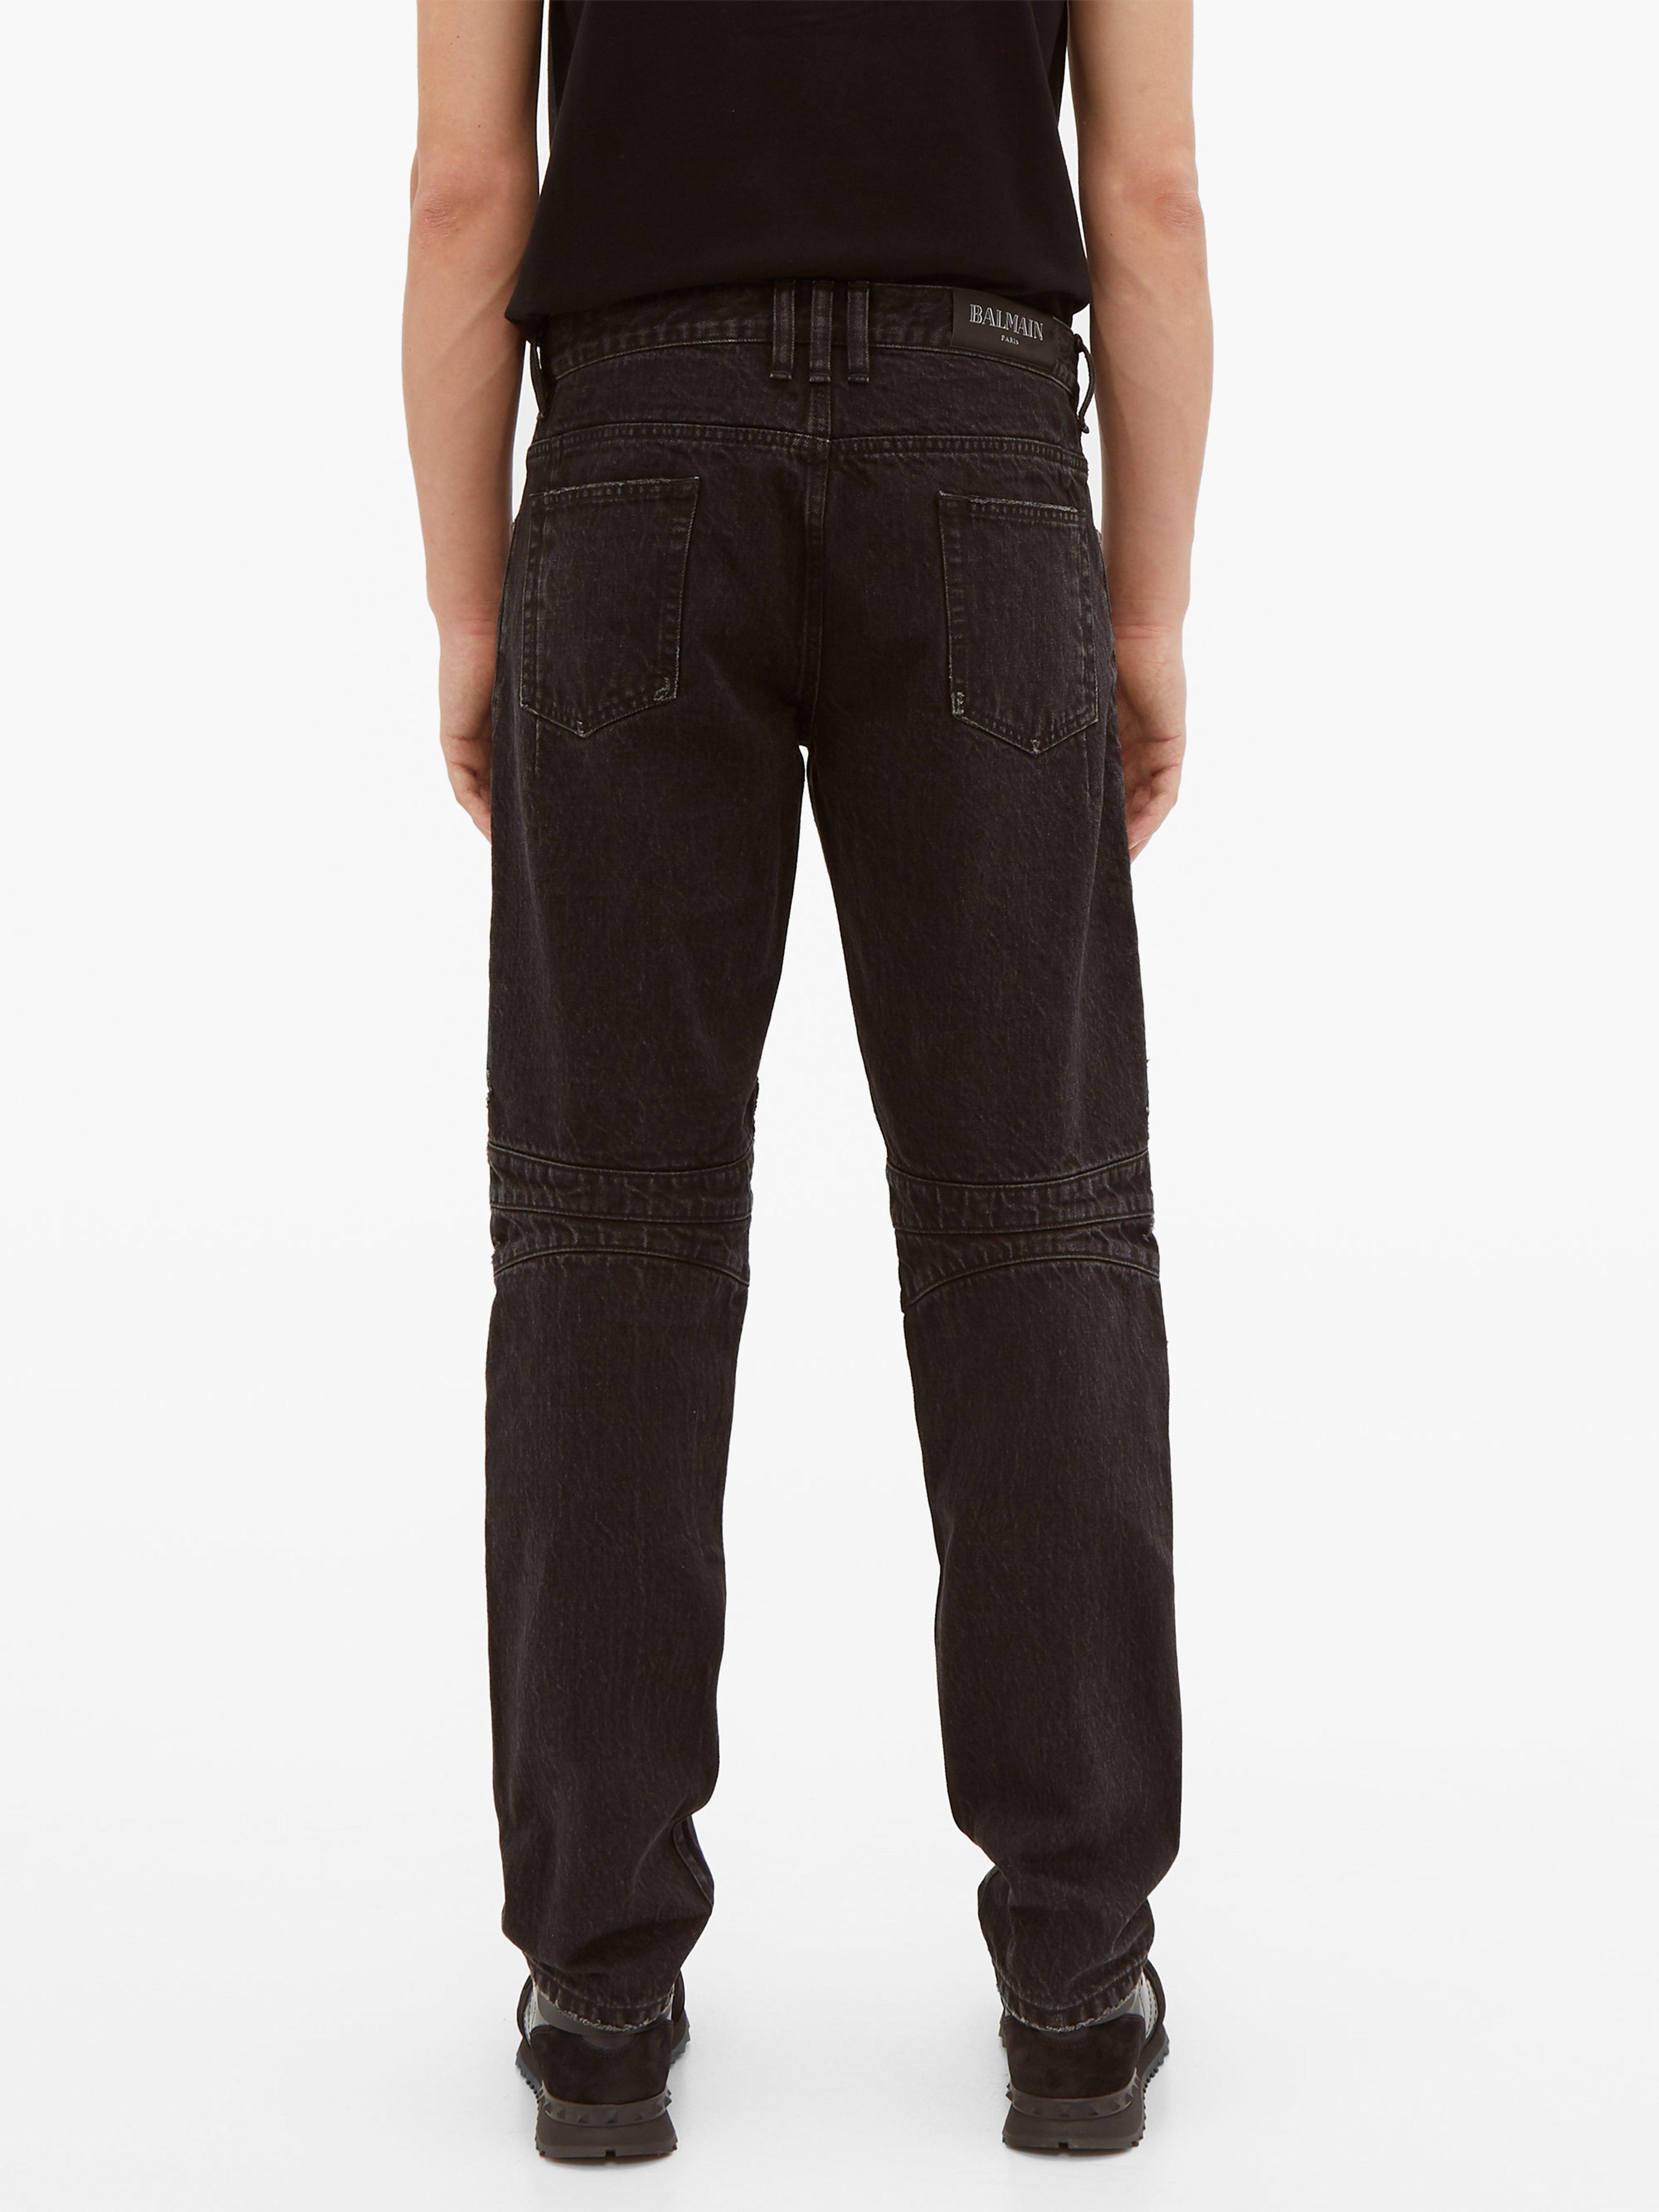 e12fcf25 Balmain - Black Distressed Straight Leg Biker Jeans for Men - Lyst. View  fullscreen